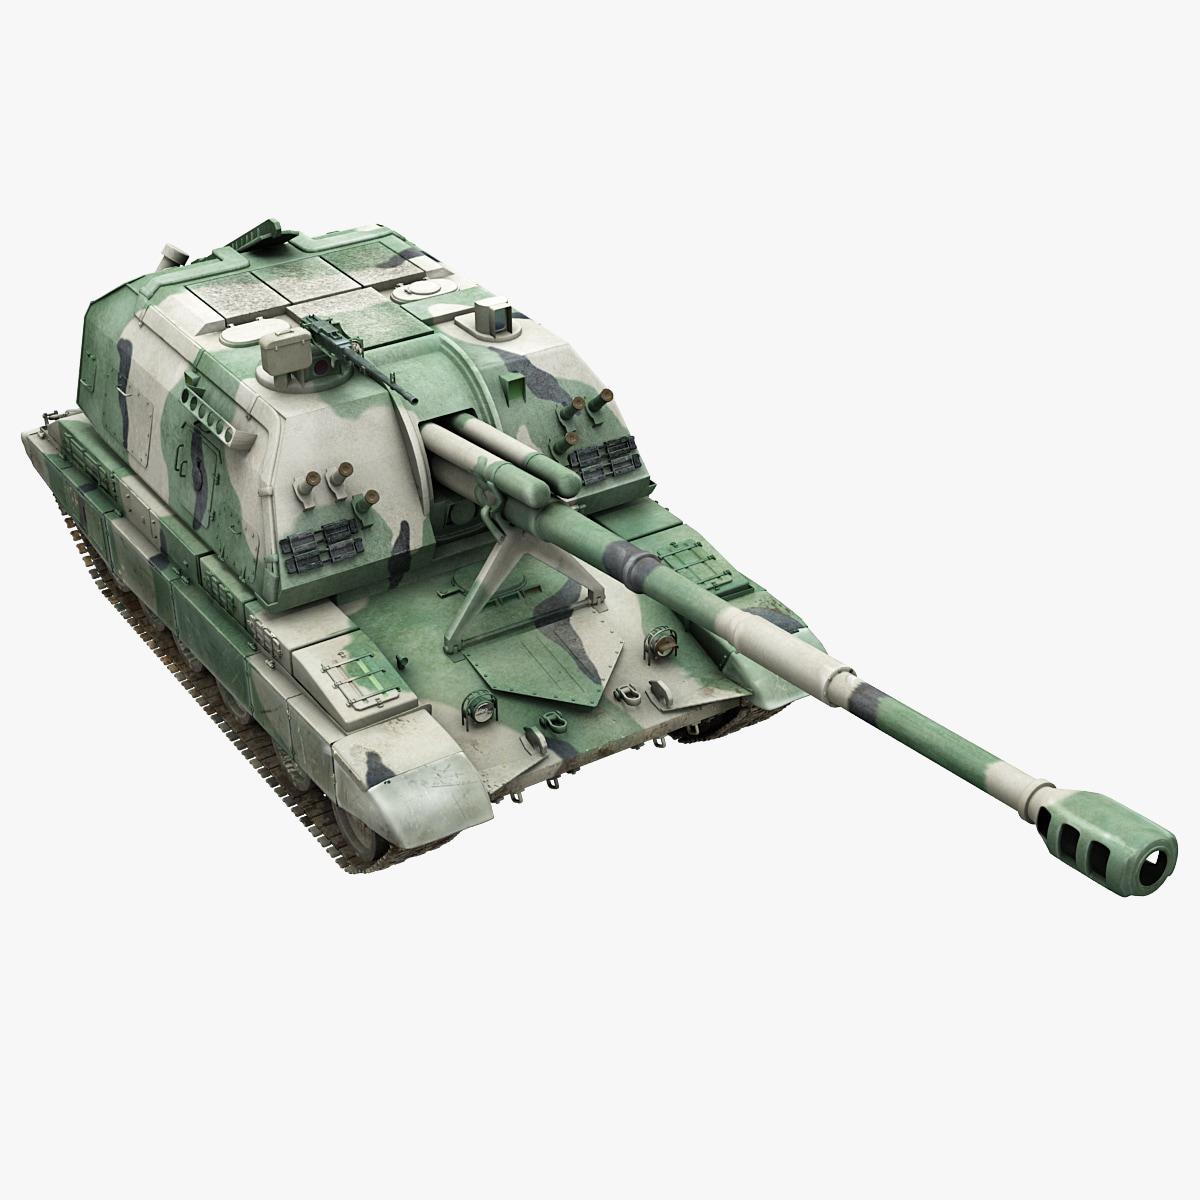 Howitzer_MSTA-S_0002.jpg